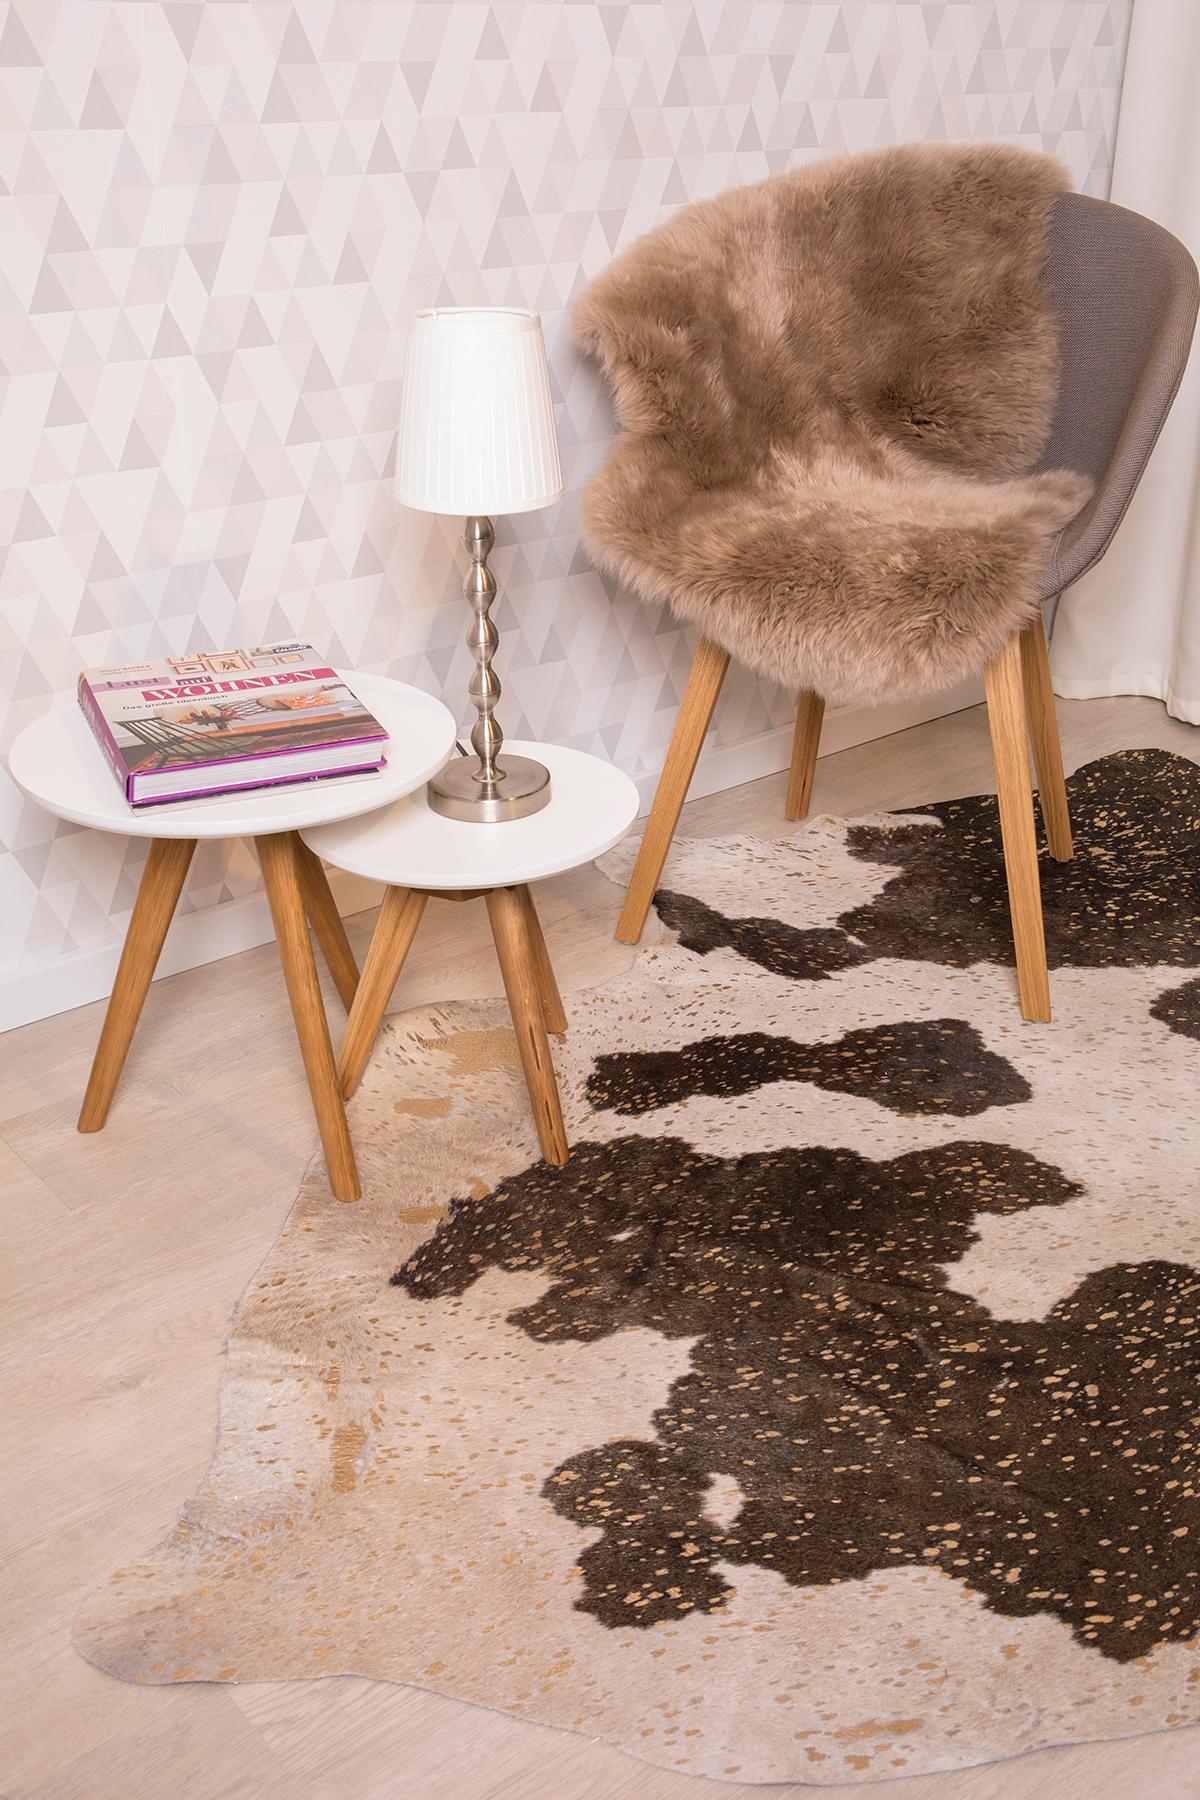 ziegenfell teppich stunning schaffell fell teppich weiss creme raumbild reinkemeier schaffell. Black Bedroom Furniture Sets. Home Design Ideas